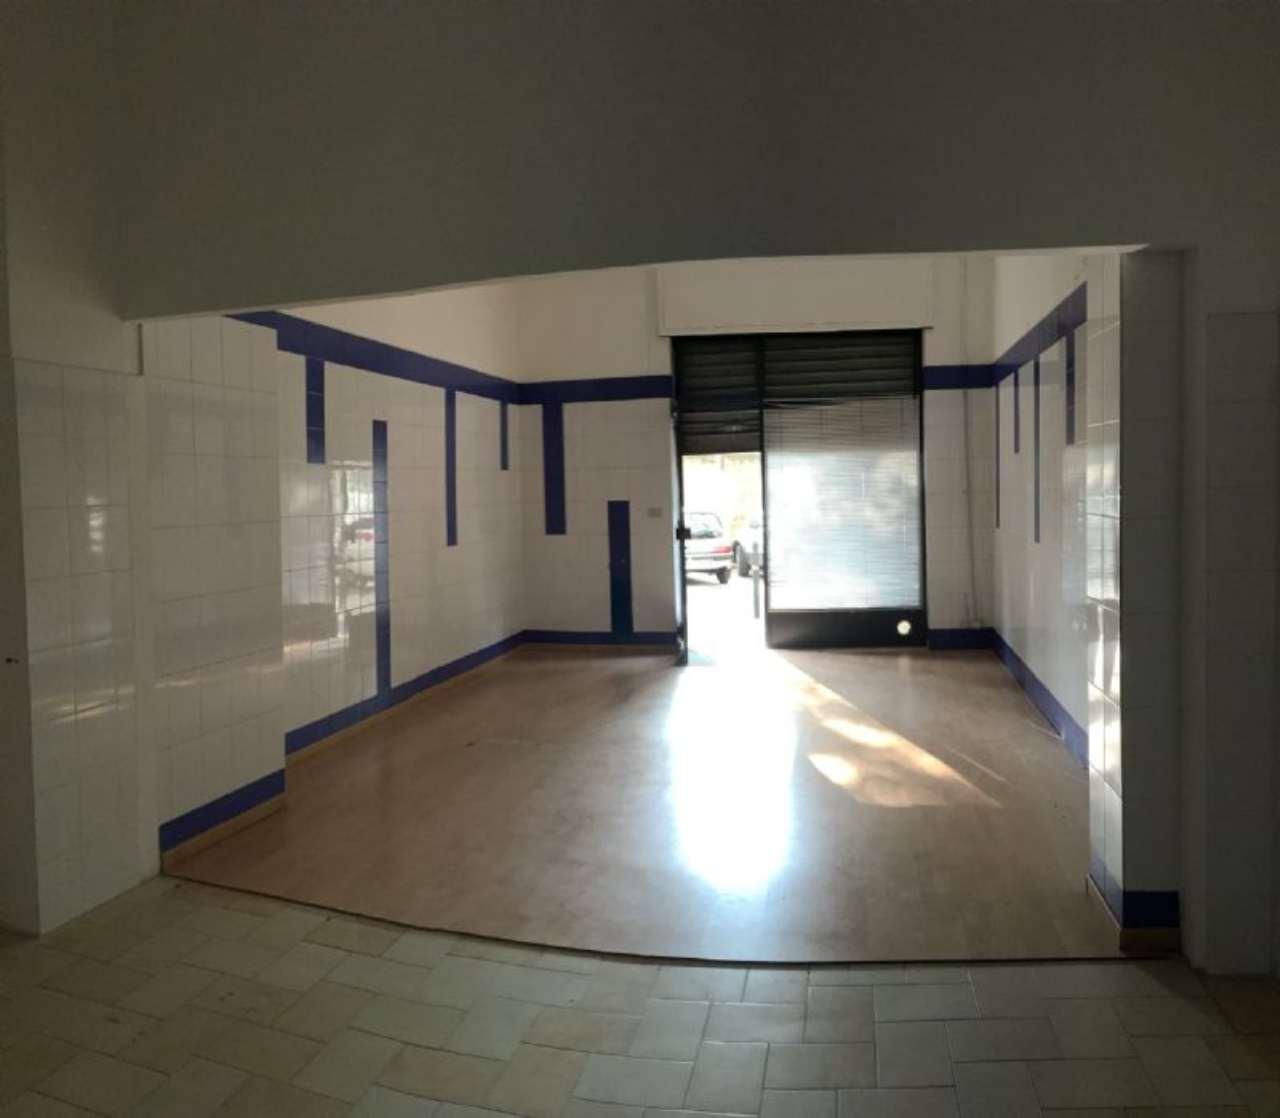 Immagine immobiliare locale commerciale in affitto a Grugliasco In zona adiacente al centro, locale commerciale con 1 vetrina. Superficie di vendita di 35 mq circa e retro con servizio. Contratto 6+6 di € 520 mensili.